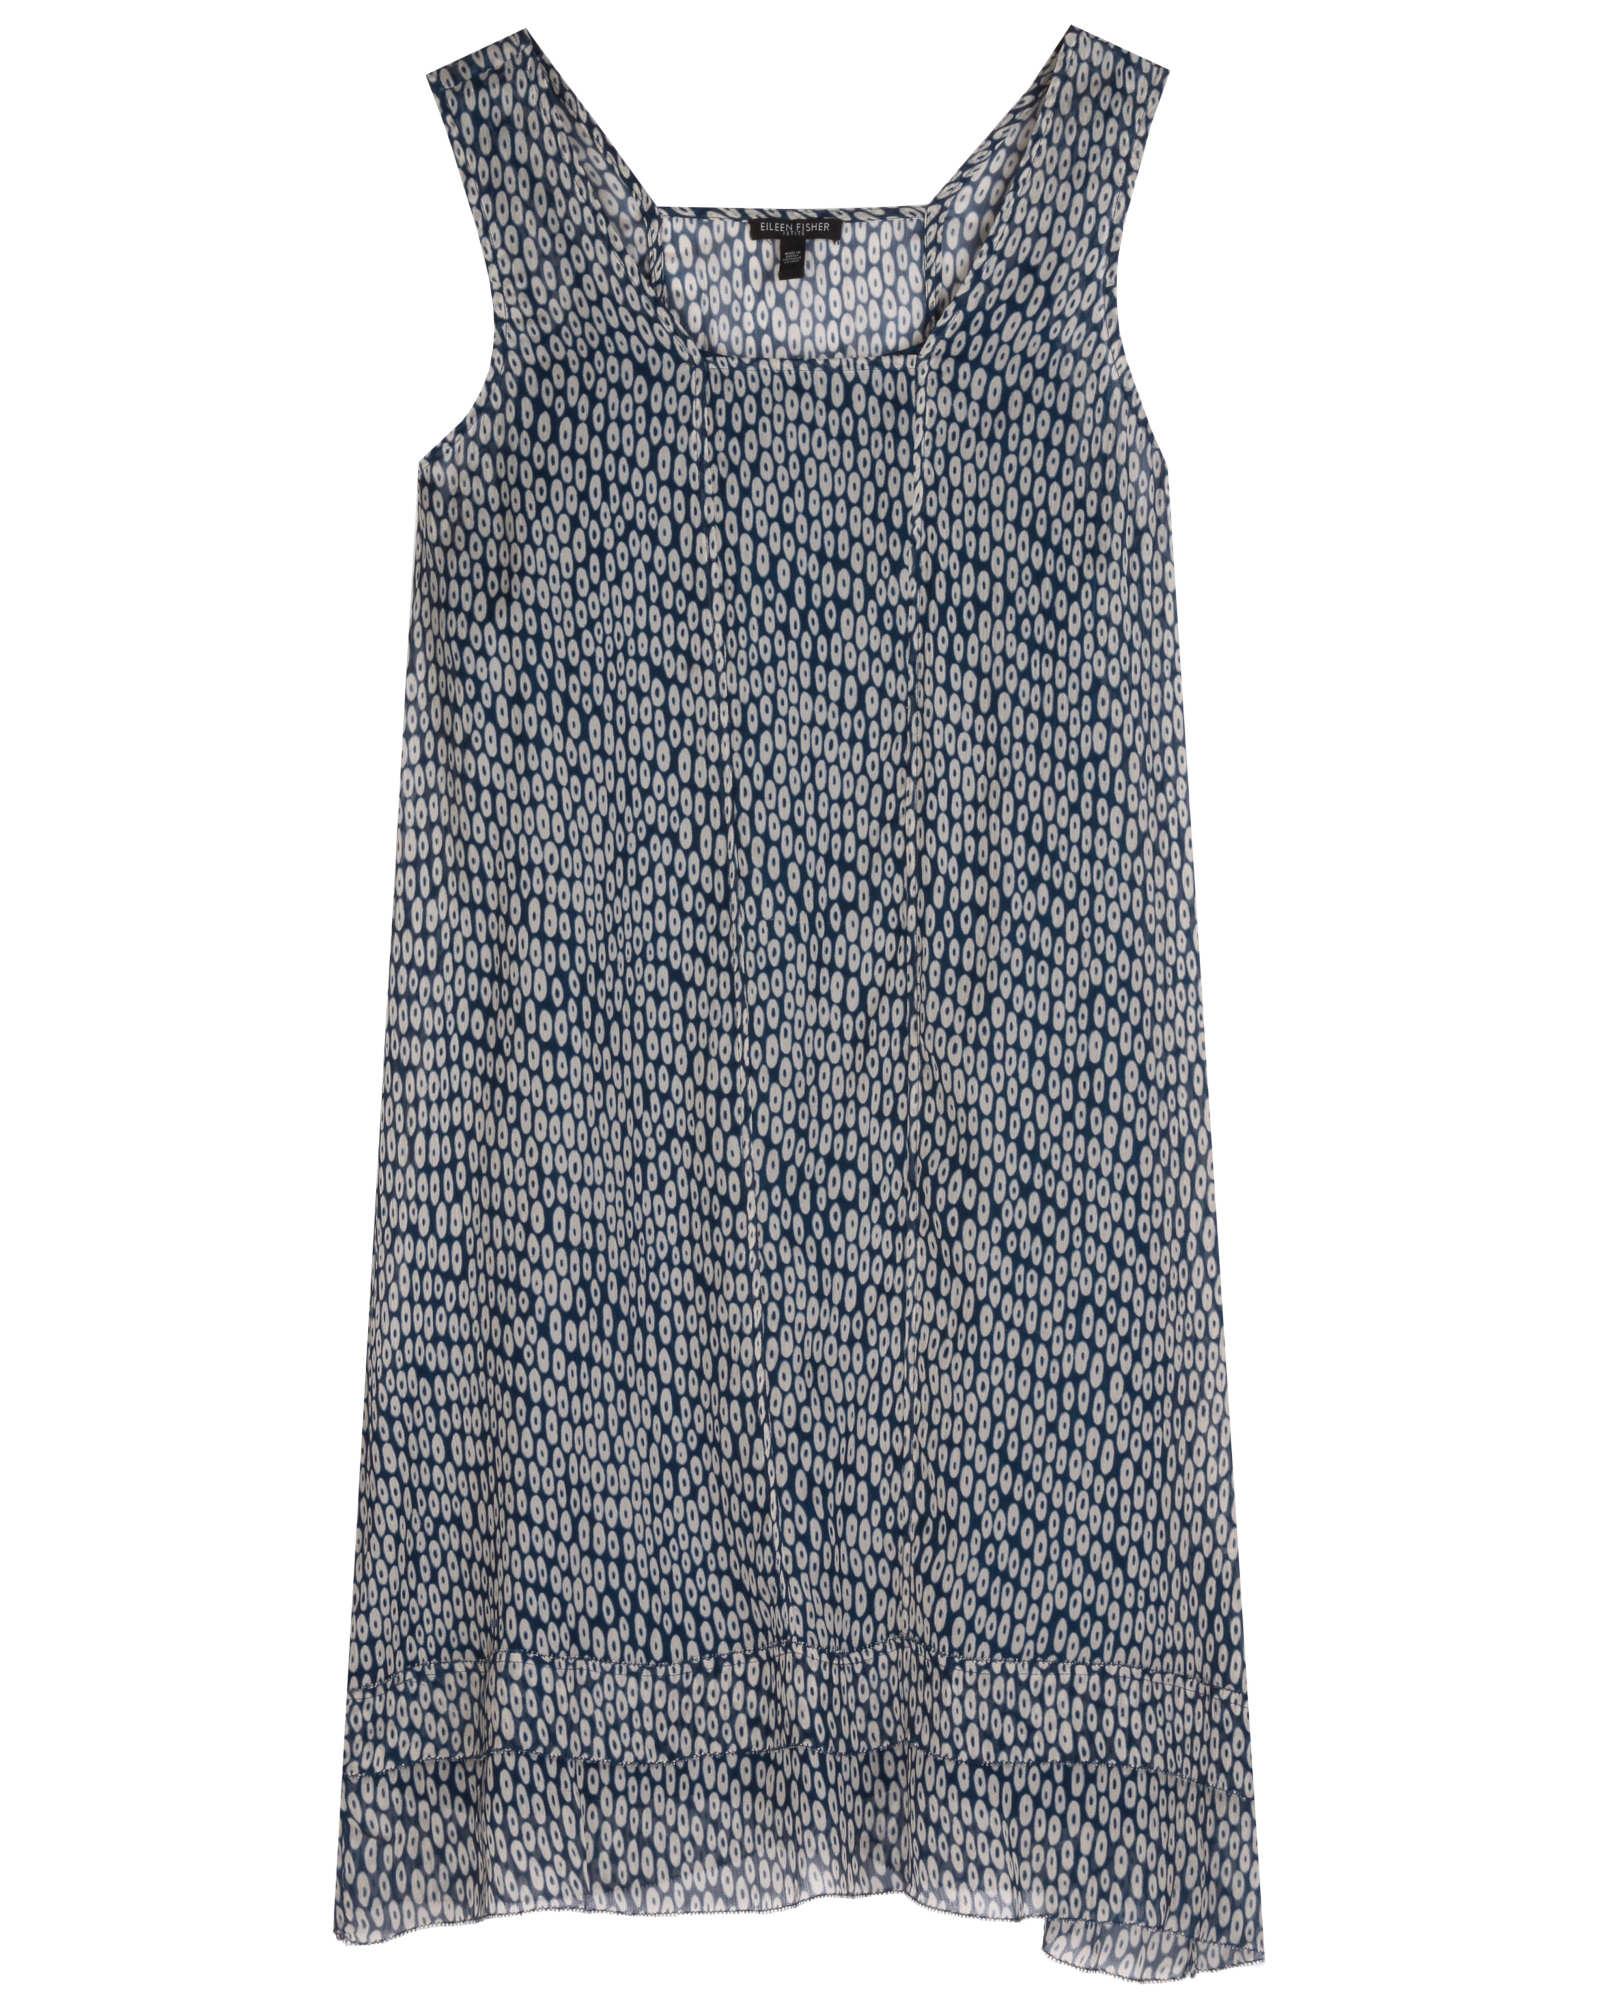 Ellipsis Printed Crinkle Silk Dress